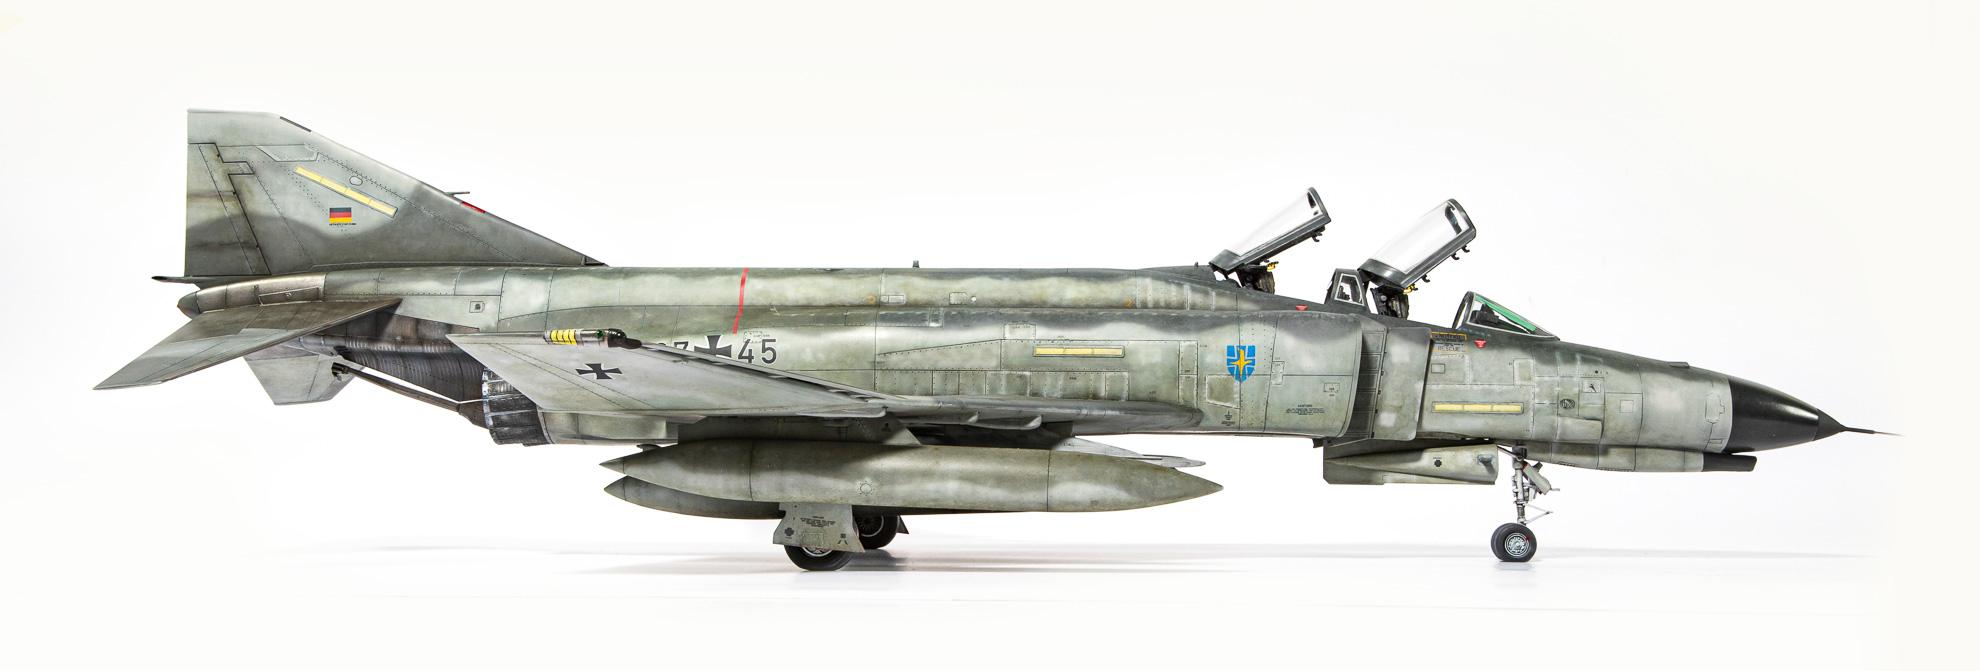 F4F_Phantom_06.jpg